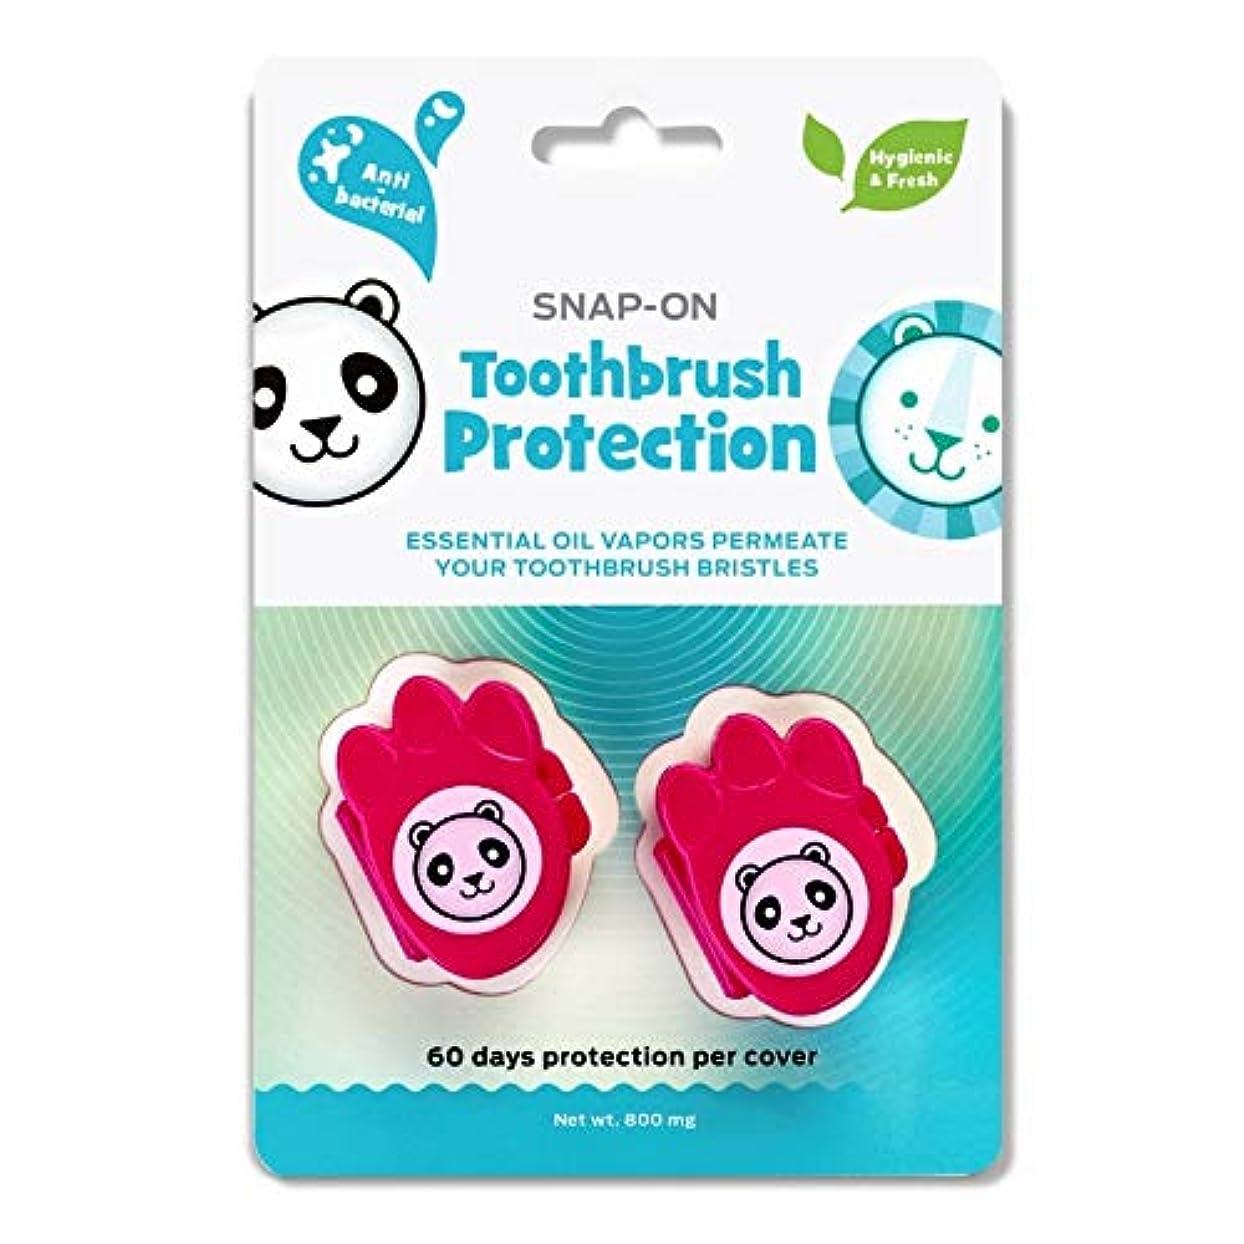 挽くビタミンストライプDr. Tung's Kid`Sスナップオン歯ブラシ消毒2 Eaが - は色が異なる場合がございます(2パック) 2パック